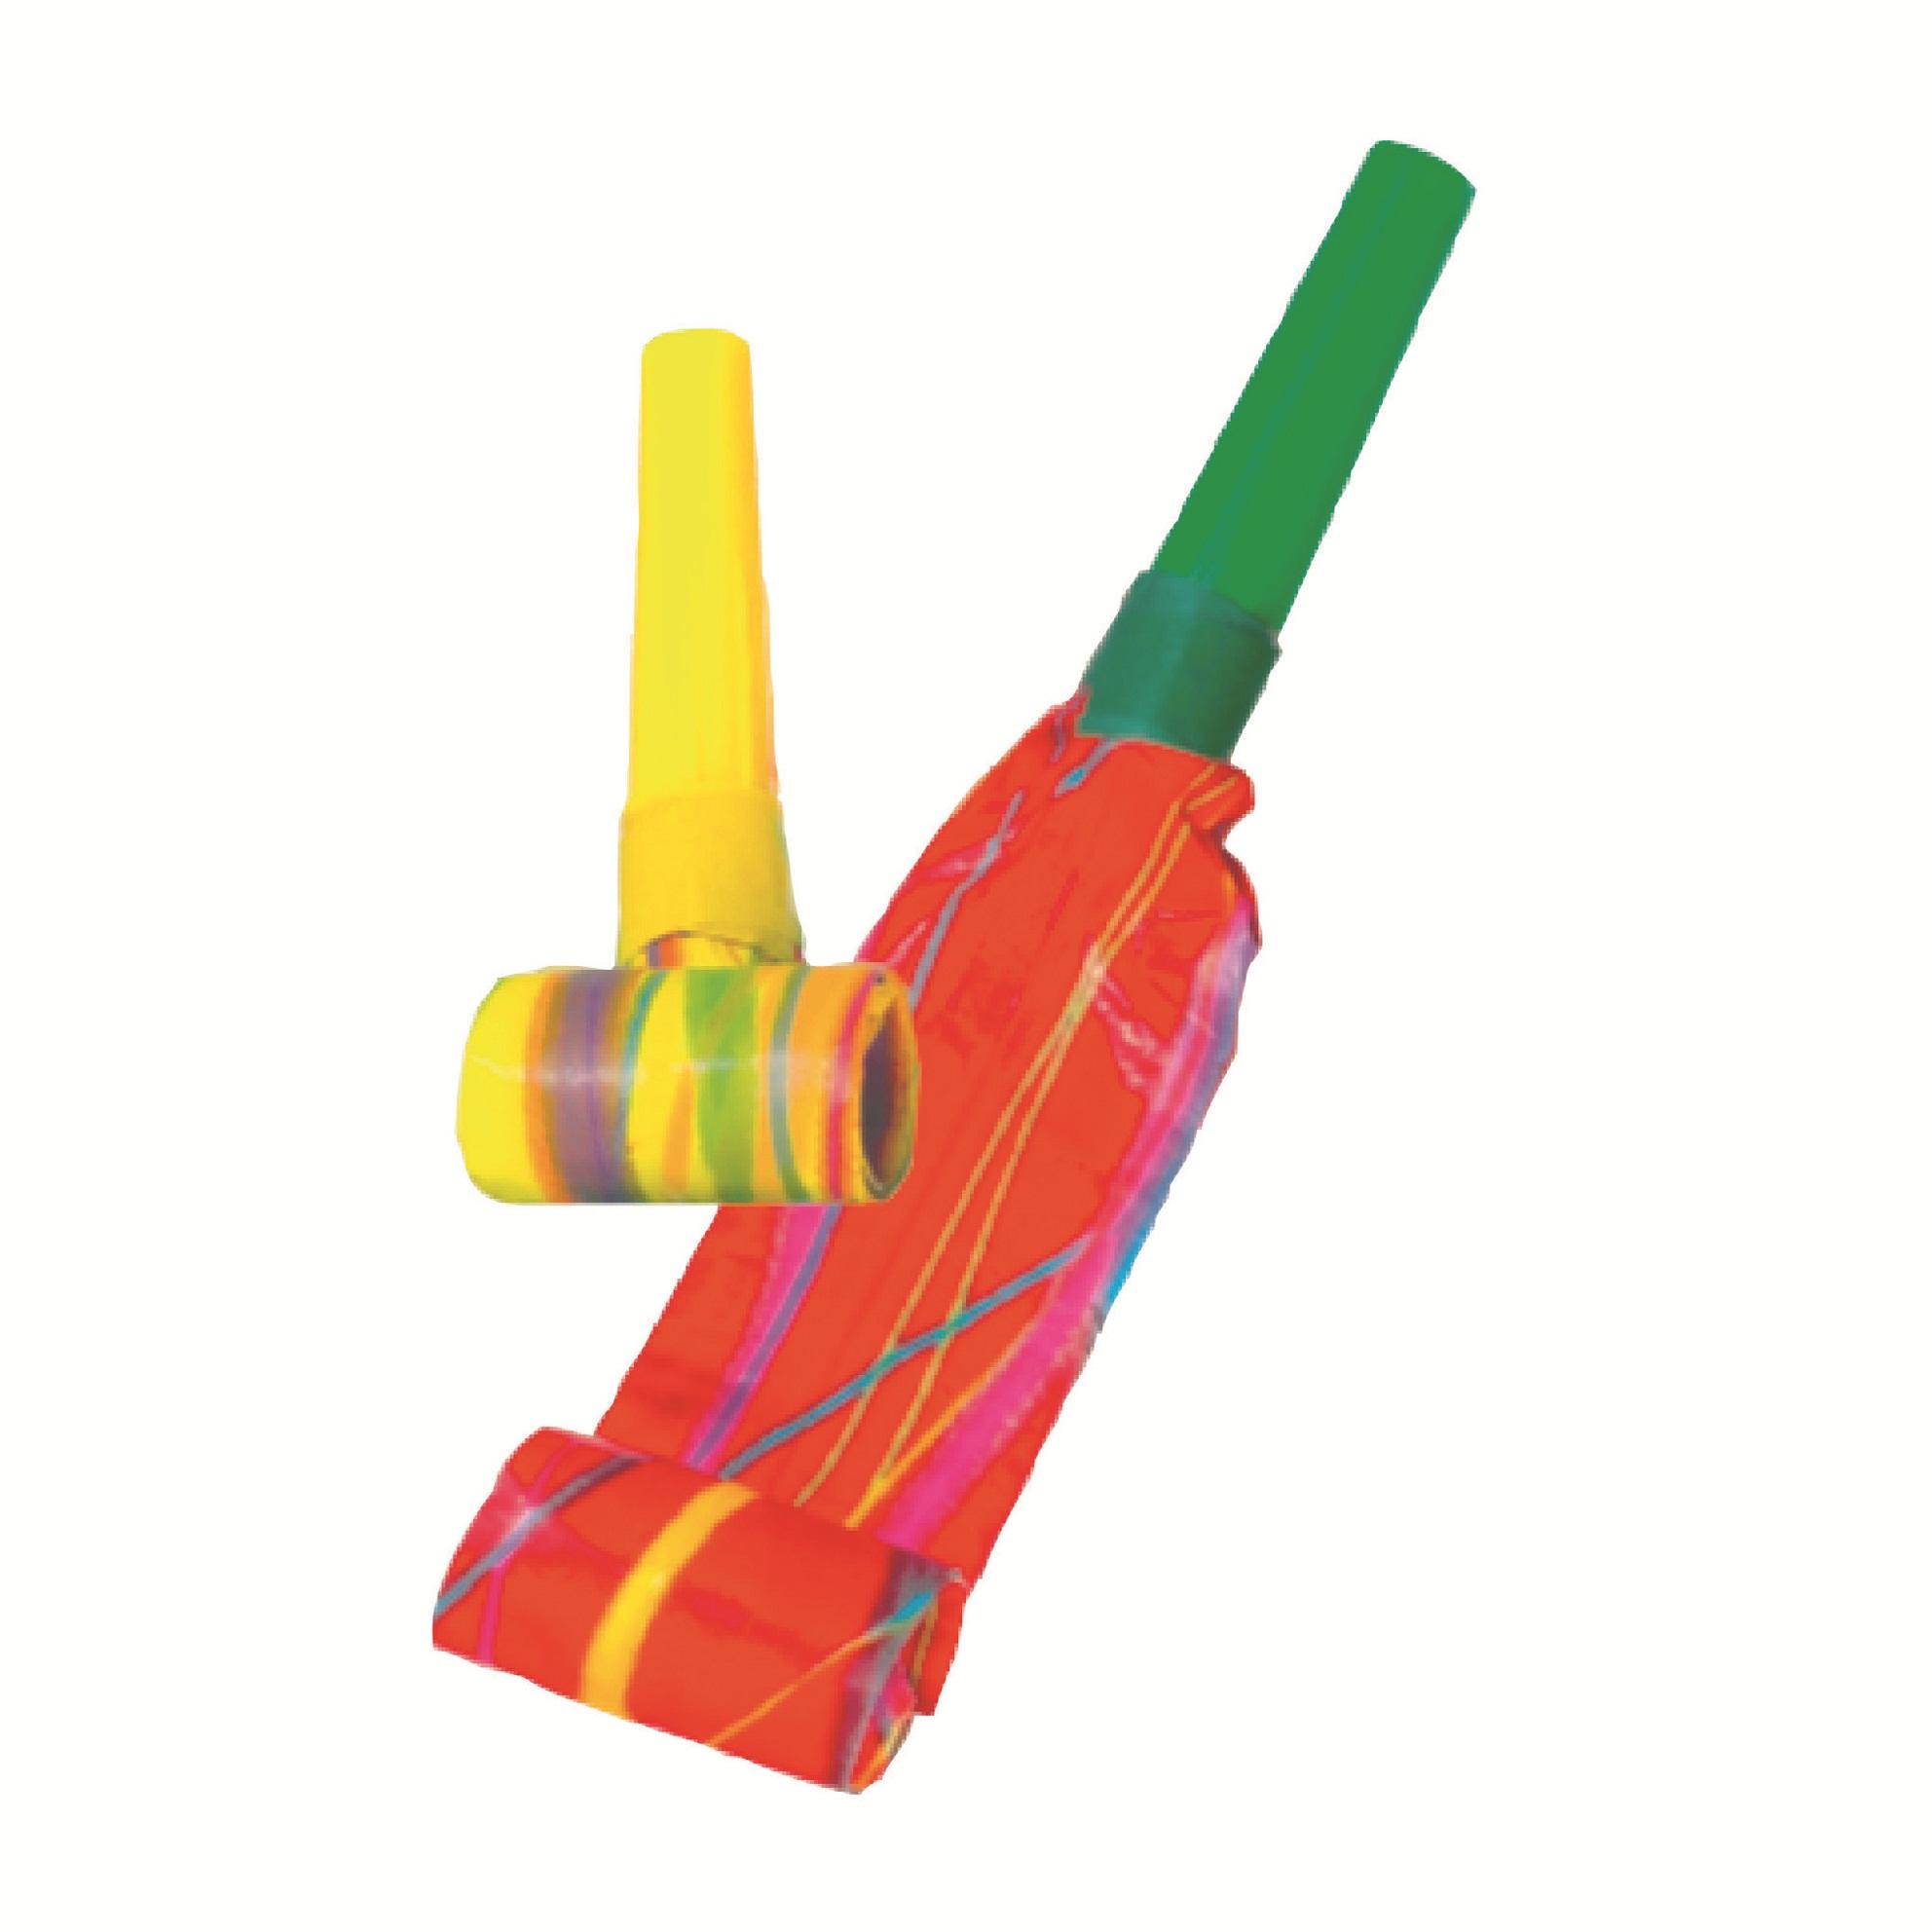 Suflatori party diverse culori model cu linii 6 buc/set HERLITZ